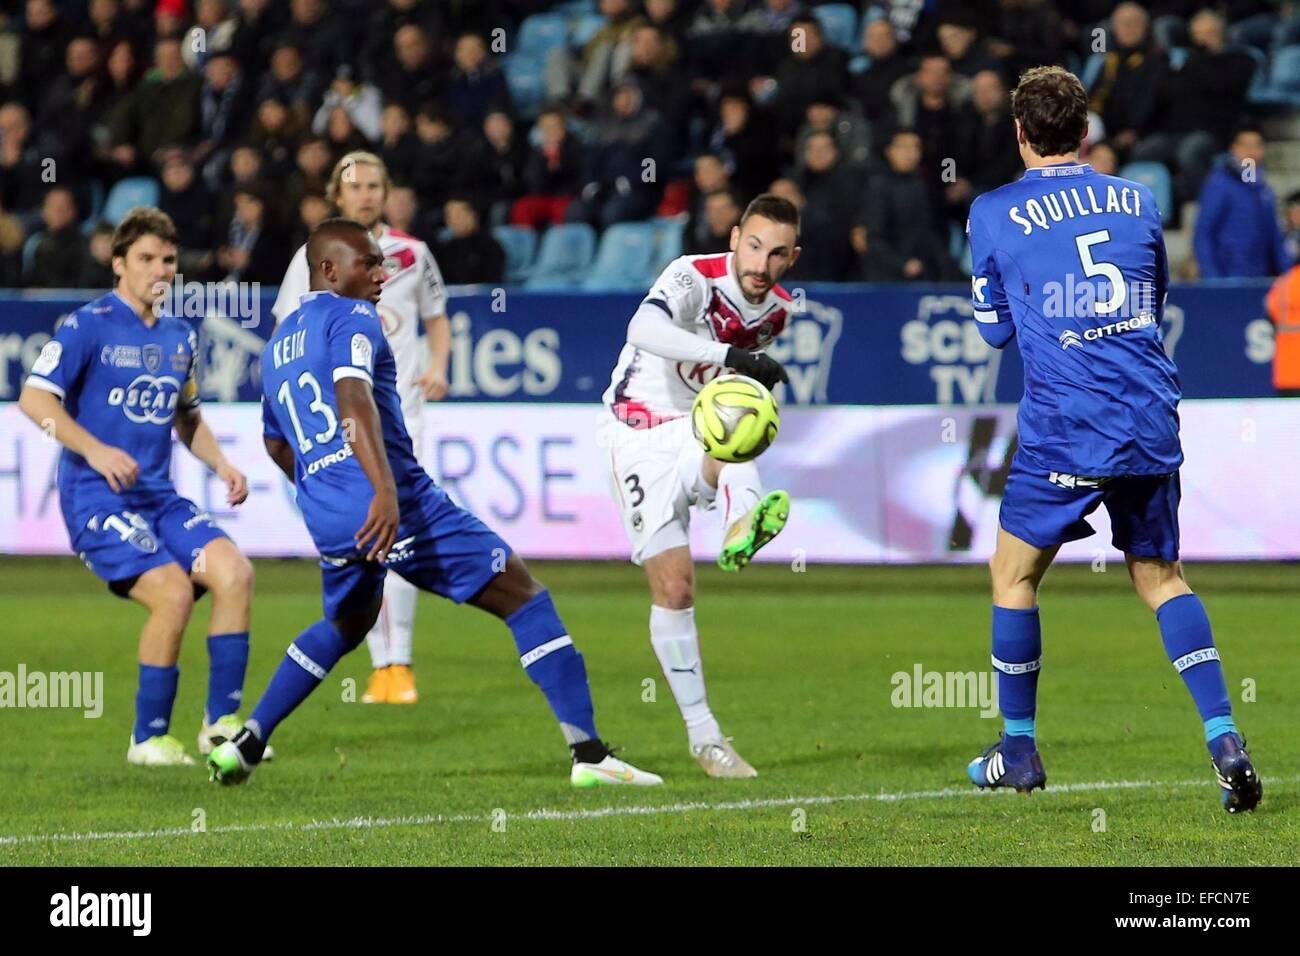 Diego contento - 24.01.2015 - Bastia/Bordeaux - 22eme journee de Ligue1.Foto : Michel Maestracci/Icona Sport.Caption Immagini Stock